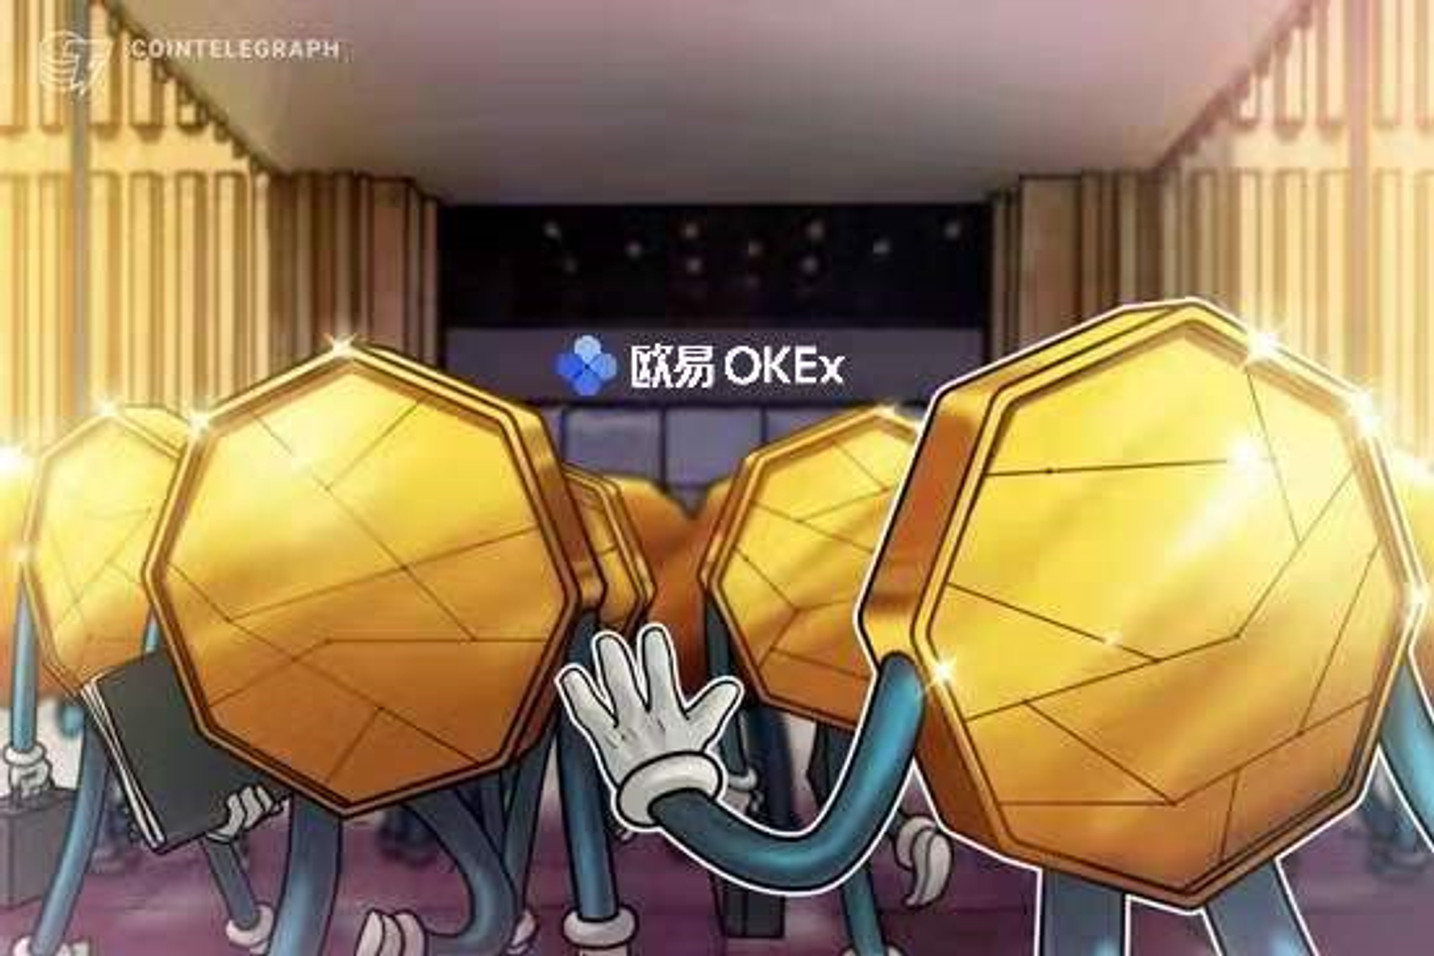 新春狂撒1亿元比特币红包,欧易OKEx的底气何在?